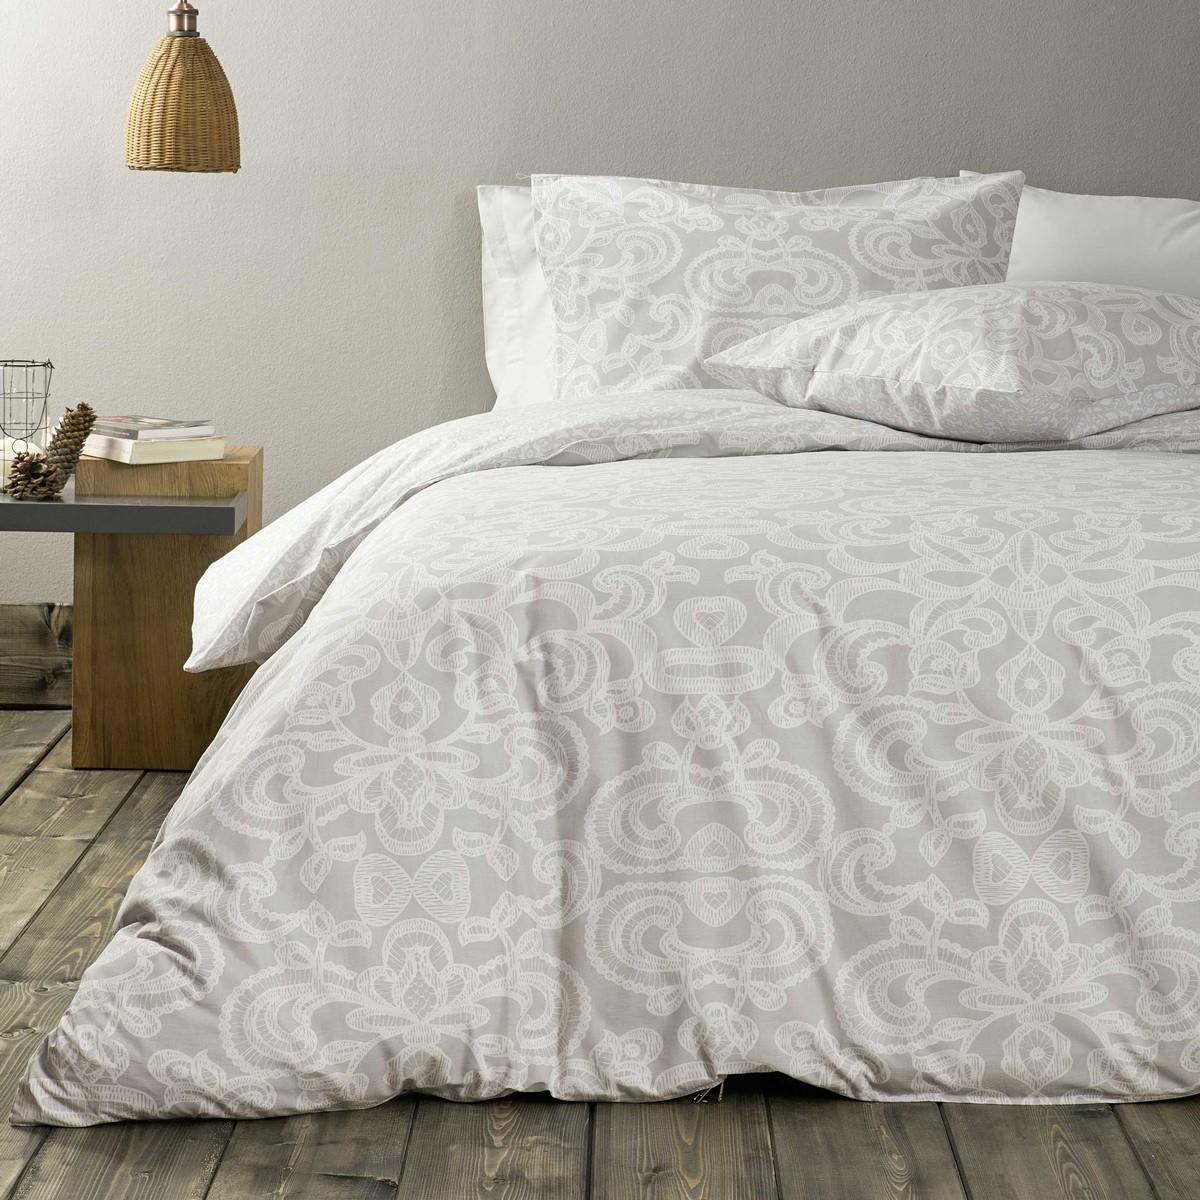 Σεντόνια Μονά (Σετ) Nima Bed Linen Edita Grey ΧΩΡΙΣ ΛΑΣΤΙΧΟ 170×260 ΧΩΡΙΣ ΛΑΣΤΙΧΟ 170×260